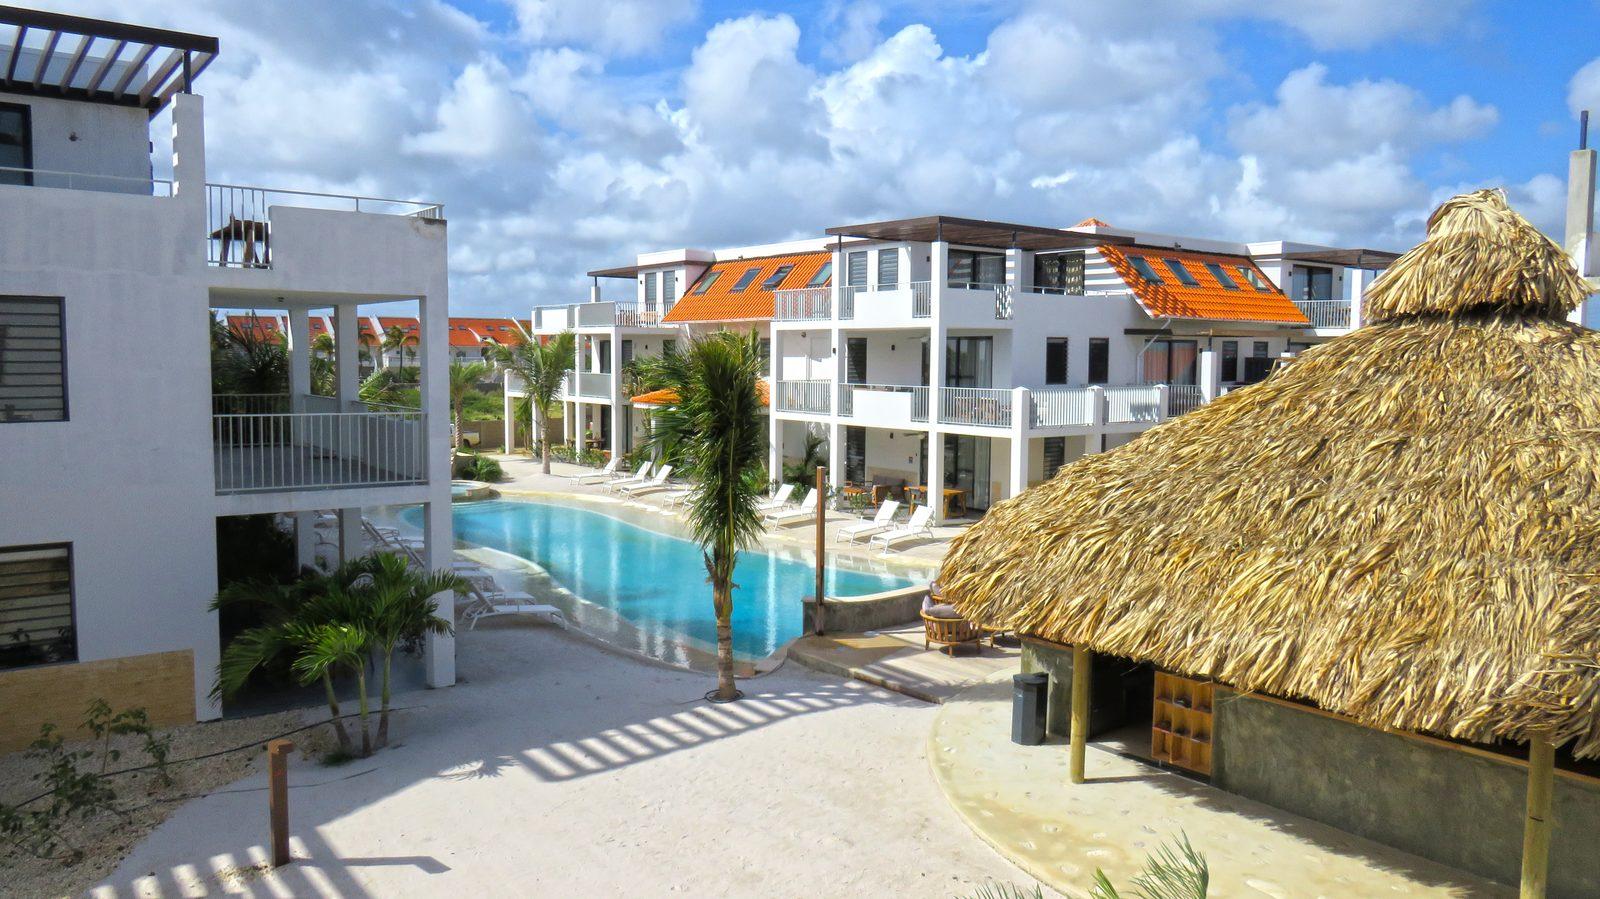 Sur l'île de Bonaire, vous pouvez rester au Resort Bonaire. Appartements luxueux au confort maximum pour votre plus grand plaisir. Regardez la liste de nos logements disponibles!